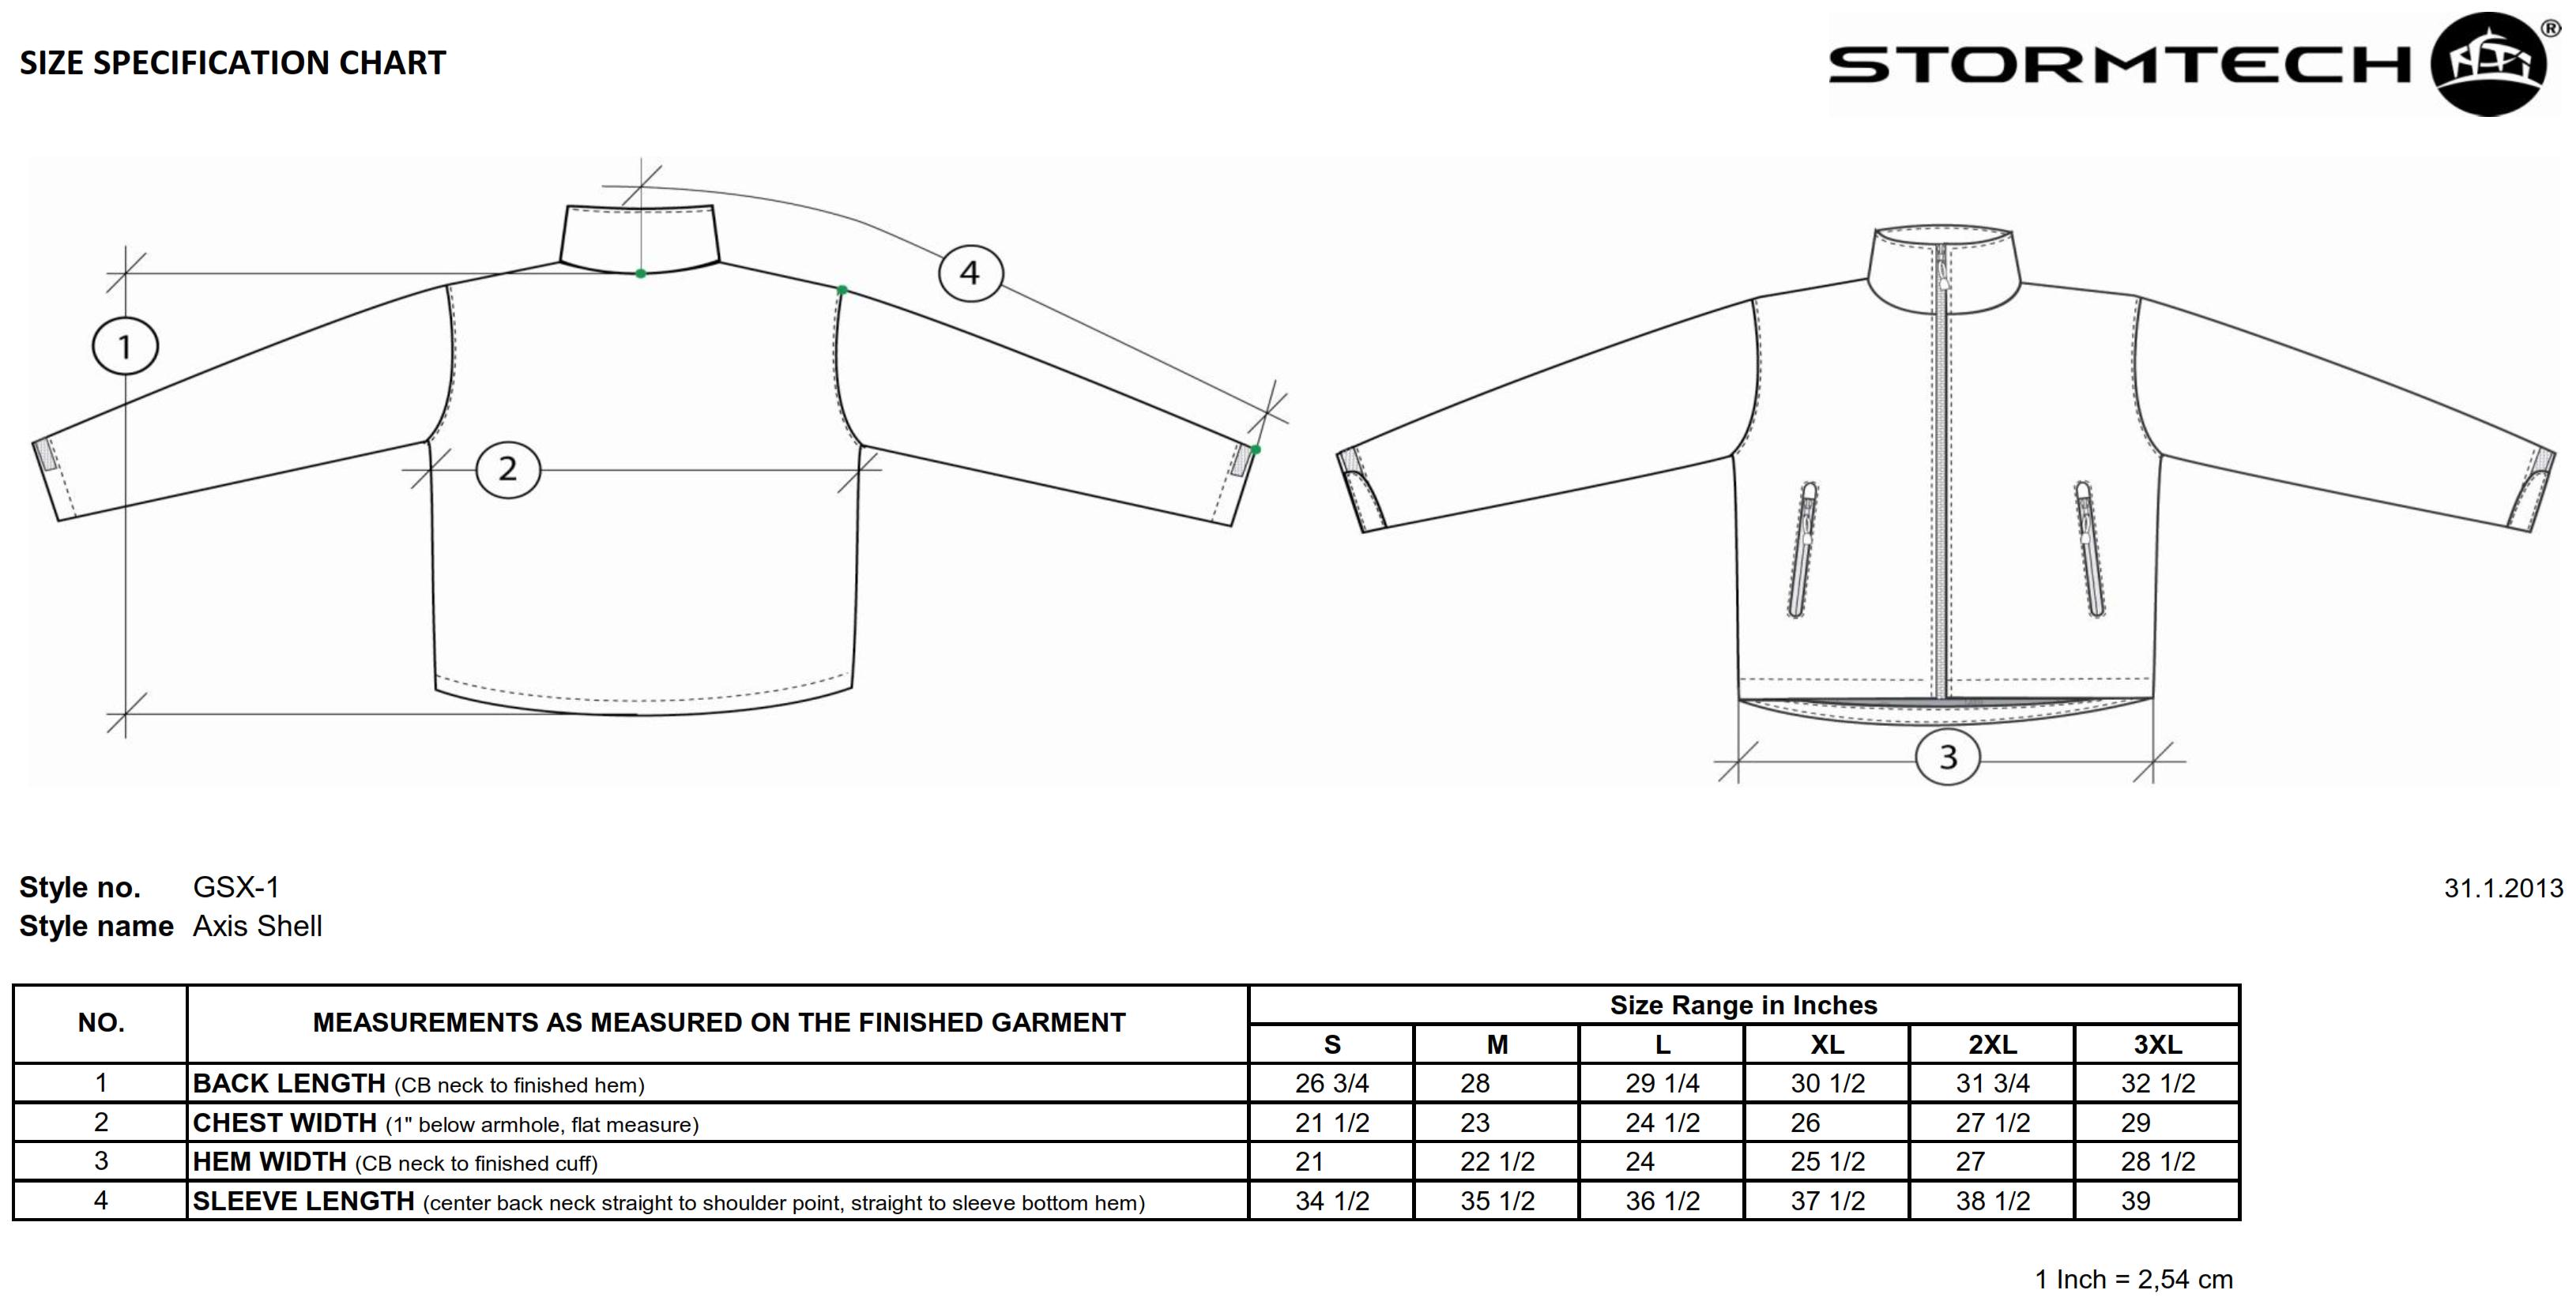 StormTech: Axis Shell GSX-1